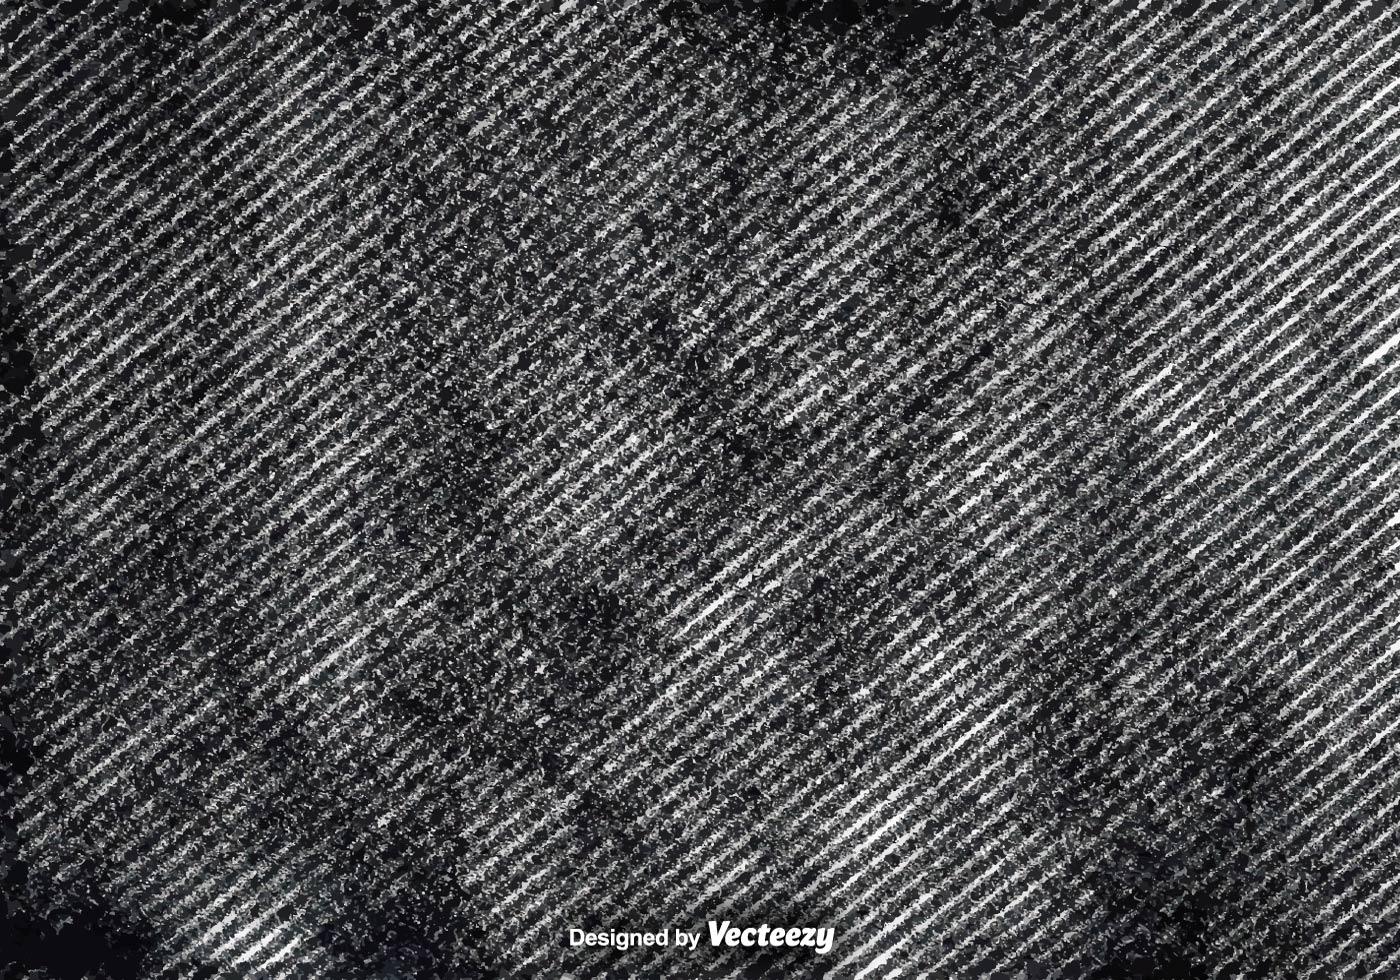 Vector Grunge Overlay Texture - Download Free Vector Art ...